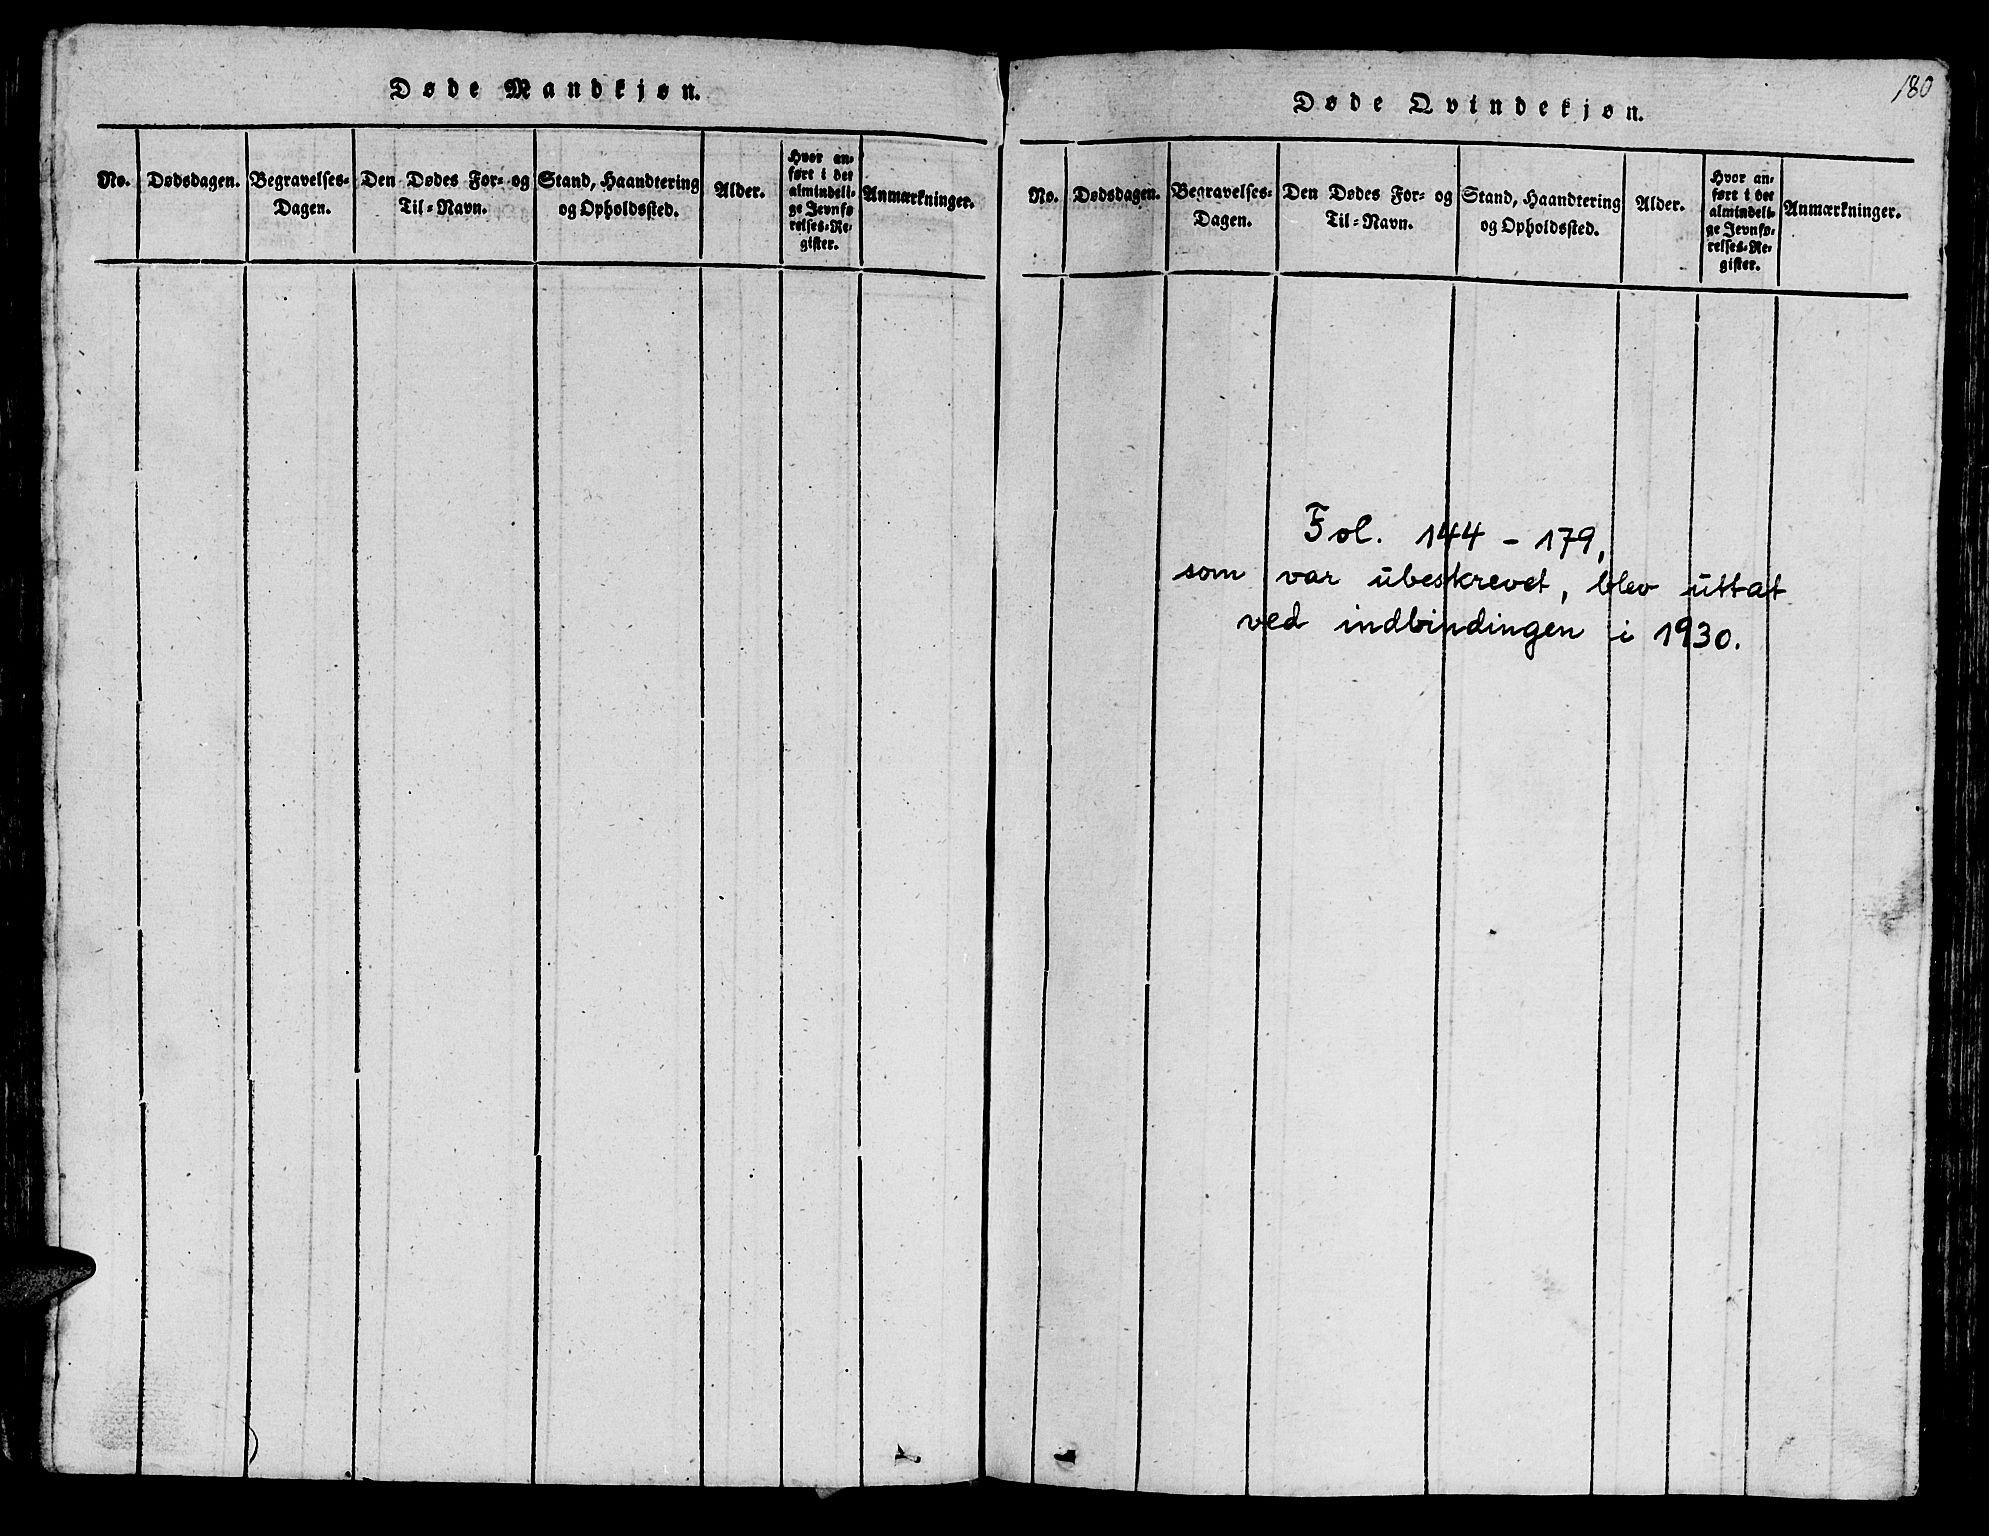 SAT, Ministerialprotokoller, klokkerbøker og fødselsregistre - Sør-Trøndelag, 612/L0385: Klokkerbok nr. 612C01, 1816-1845, s. 180